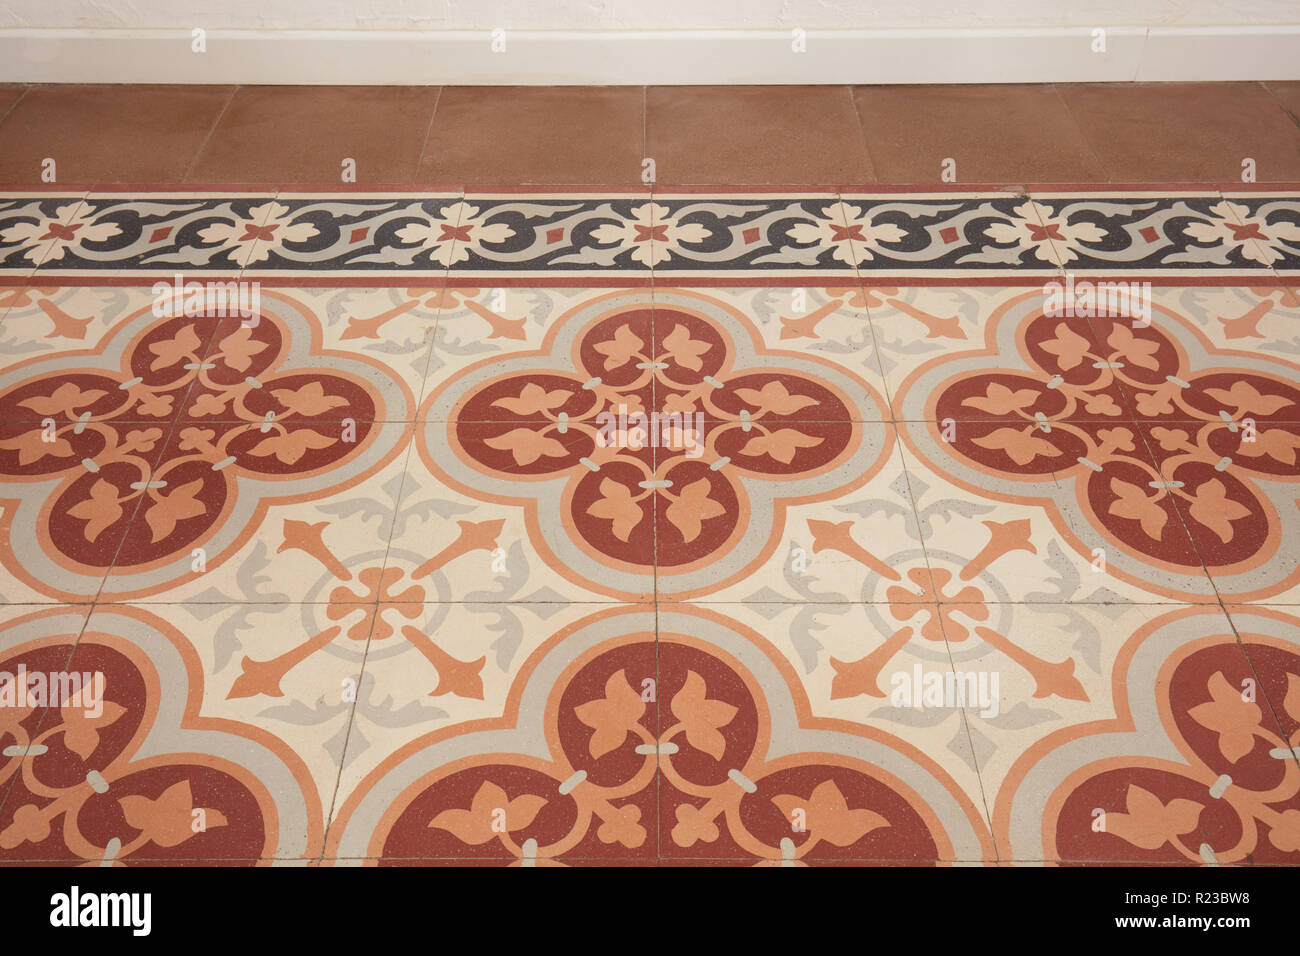 Decorate pavimento piastrellato, stile liberty in un antico appartamento in Italia Immagini Stock